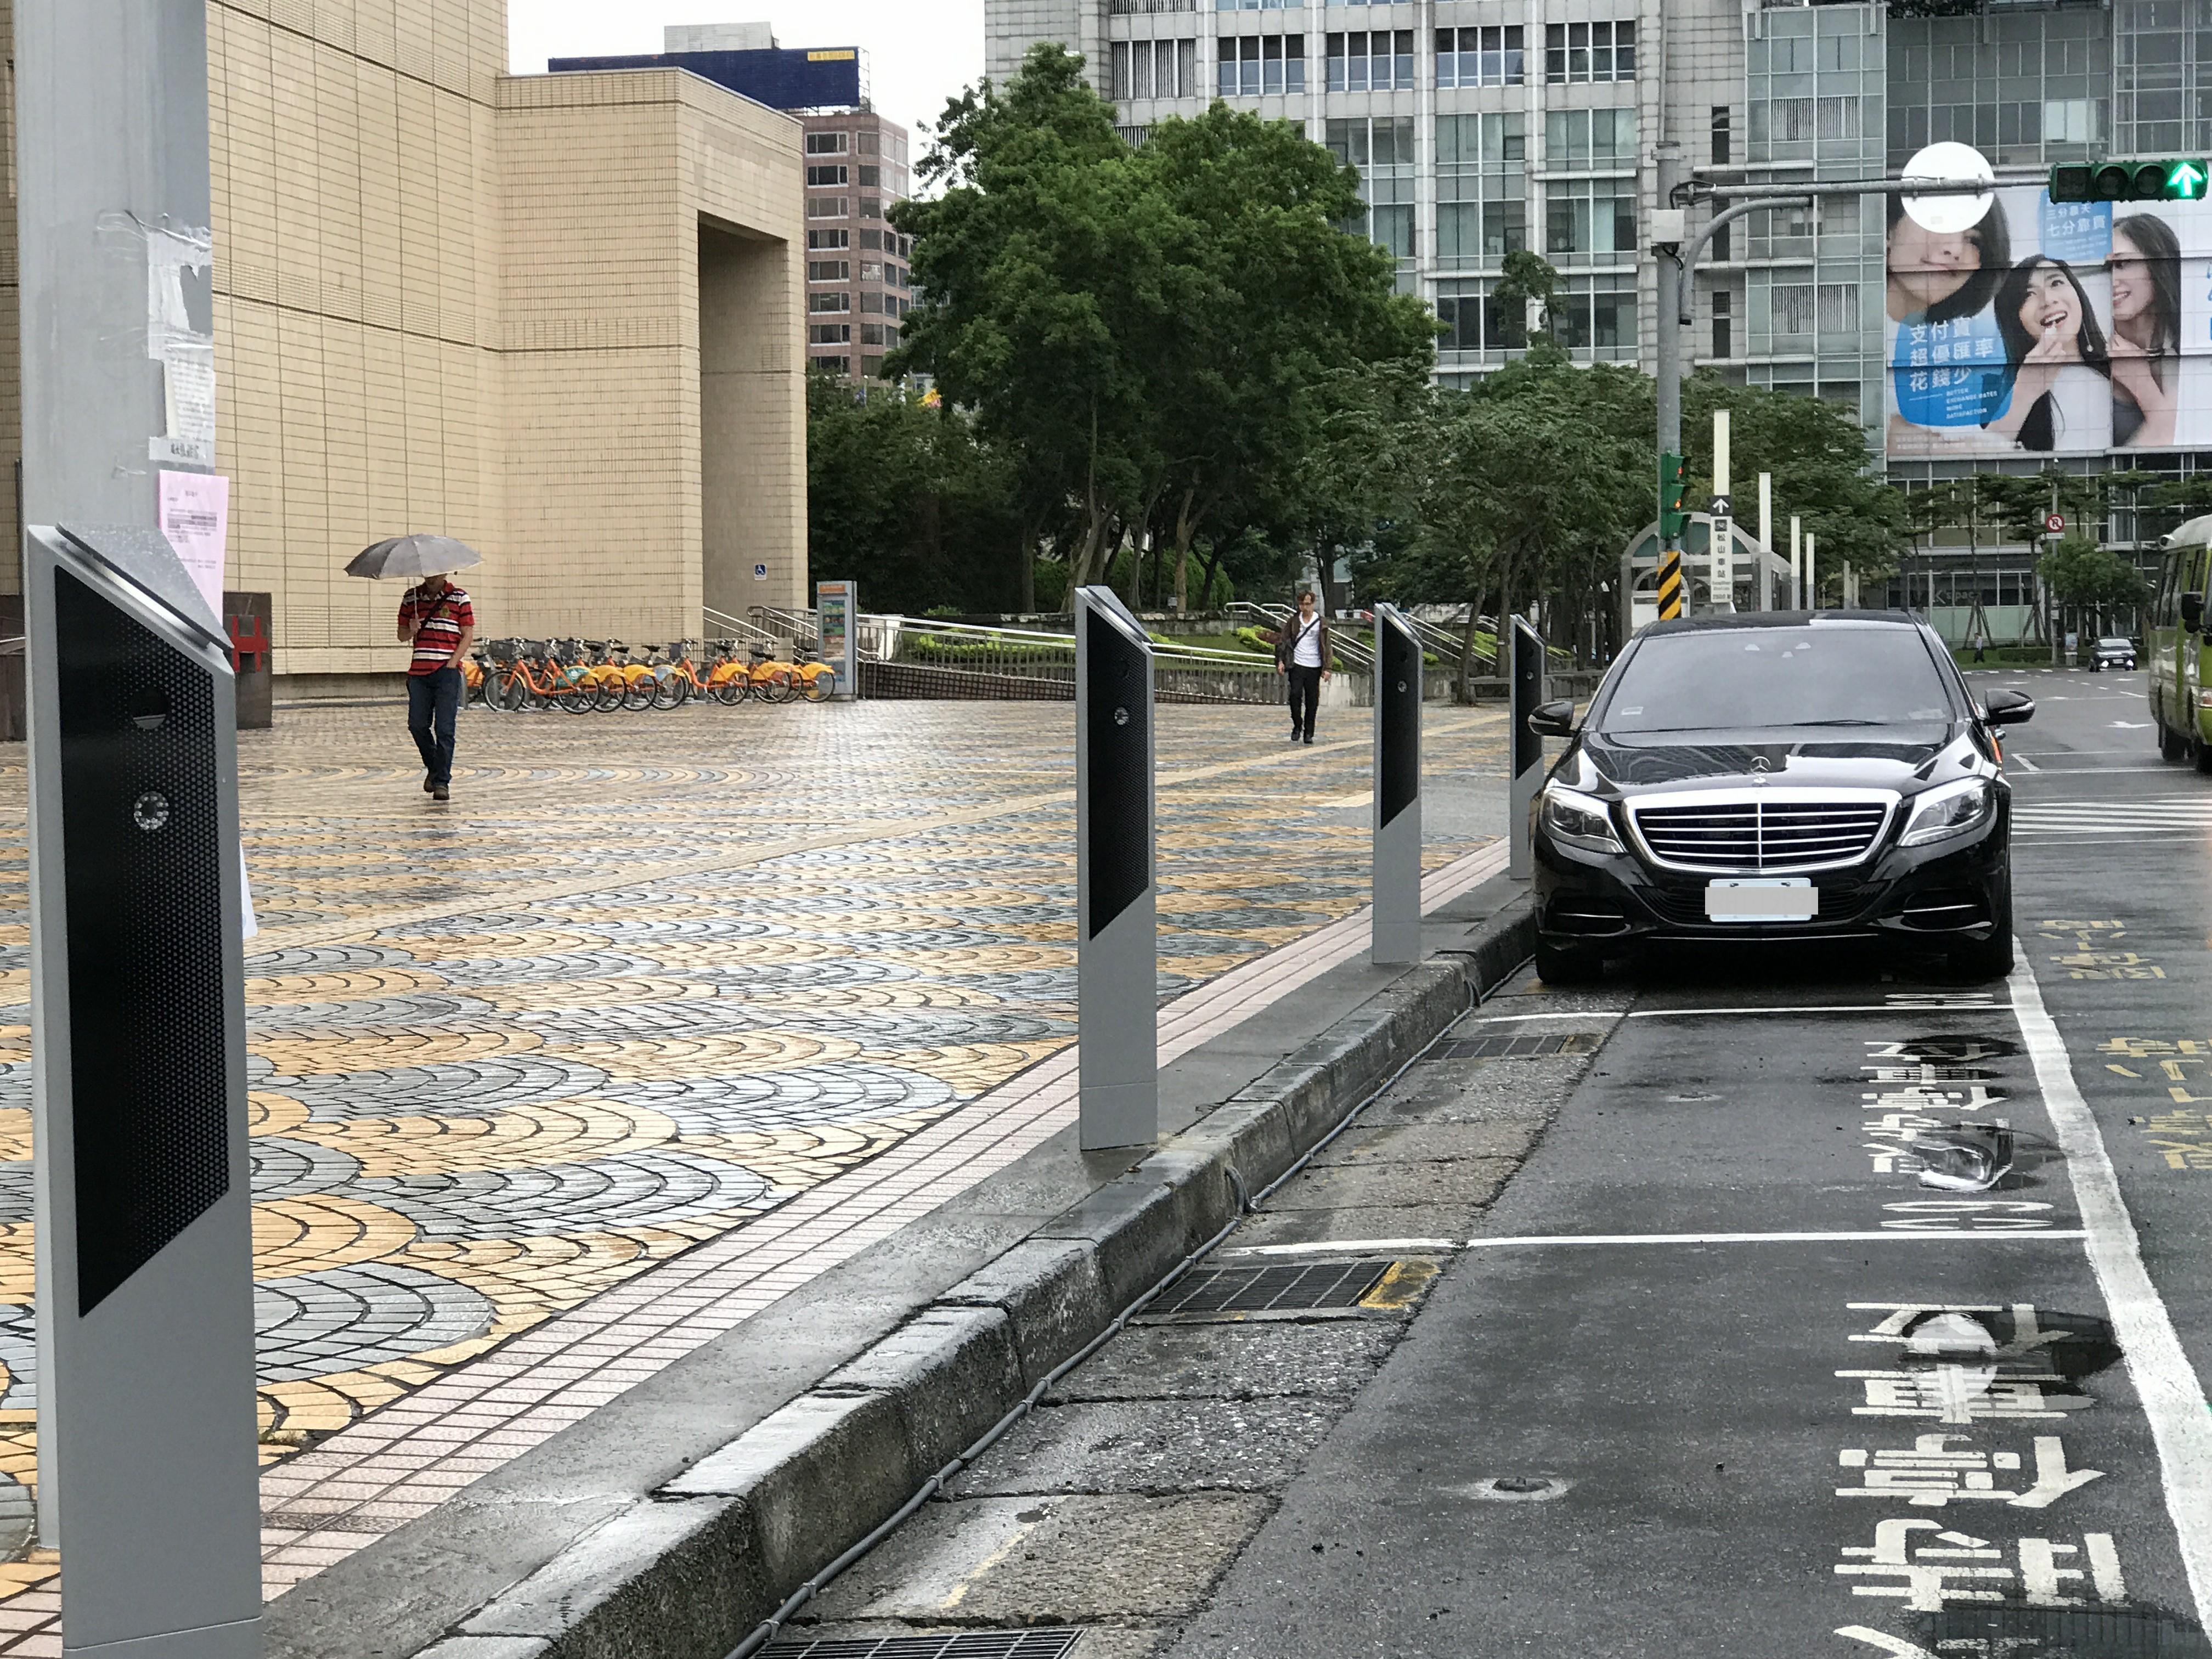 台北市增設2000顆停車地磁 長期占用停車格30天未繳費將拖吊